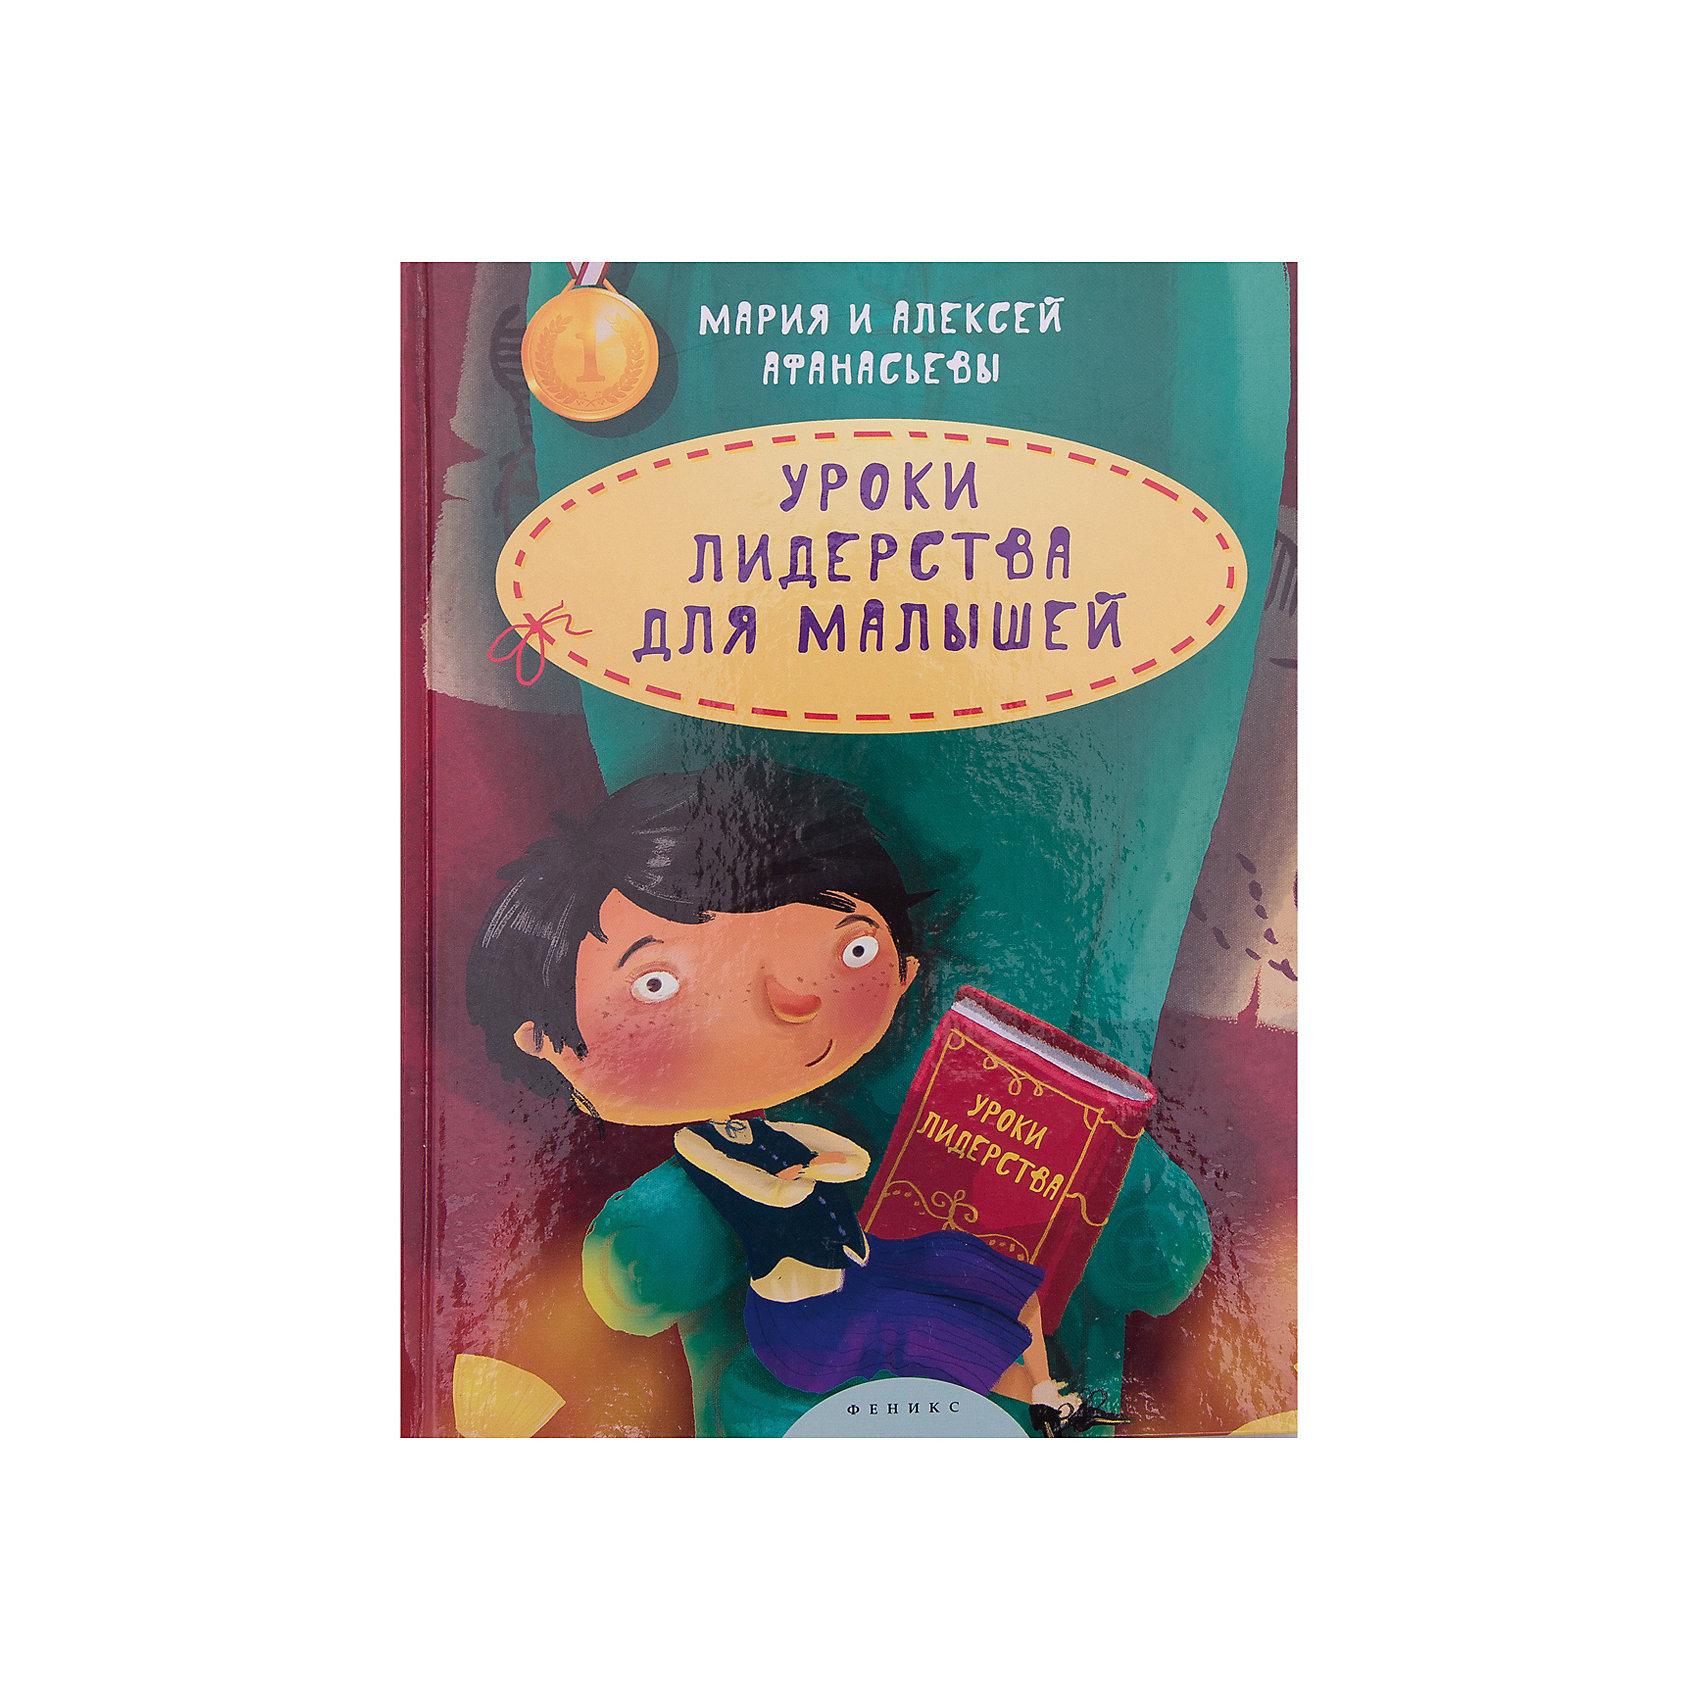 Книга Уроки лидерства для малышейРазвивающие книги<br>Книга Уроки лидерства для малышей<br><br>Характеристики: <br><br>• Кол-во страниц: 108<br>• ISBN: 9785222256282<br>• Возраст: 6+<br>• Обложка: мягкая<br>• Формат: а4<br><br>Эта книга расскажет ребенку как развить в себе ответственность и гибкость, как научиться быть лидером и впустить творчество в свою жизнь, а так же как стать тем, кто подает окружающим пример. Книга написана легким и увлекательным языком, а так же снабжена интересными заданиями, которые сделают процесс усвоения материала для ребенка более простым и удобным.<br><br>Книга Уроки лидерства для малышей можно купить в нашем интернет-магазине.<br><br>Ширина мм: 262<br>Глубина мм: 203<br>Высота мм: 110<br>Вес г: 495<br>Возраст от месяцев: 72<br>Возраст до месяцев: 2147483647<br>Пол: Унисекс<br>Возраст: Детский<br>SKU: 5464580